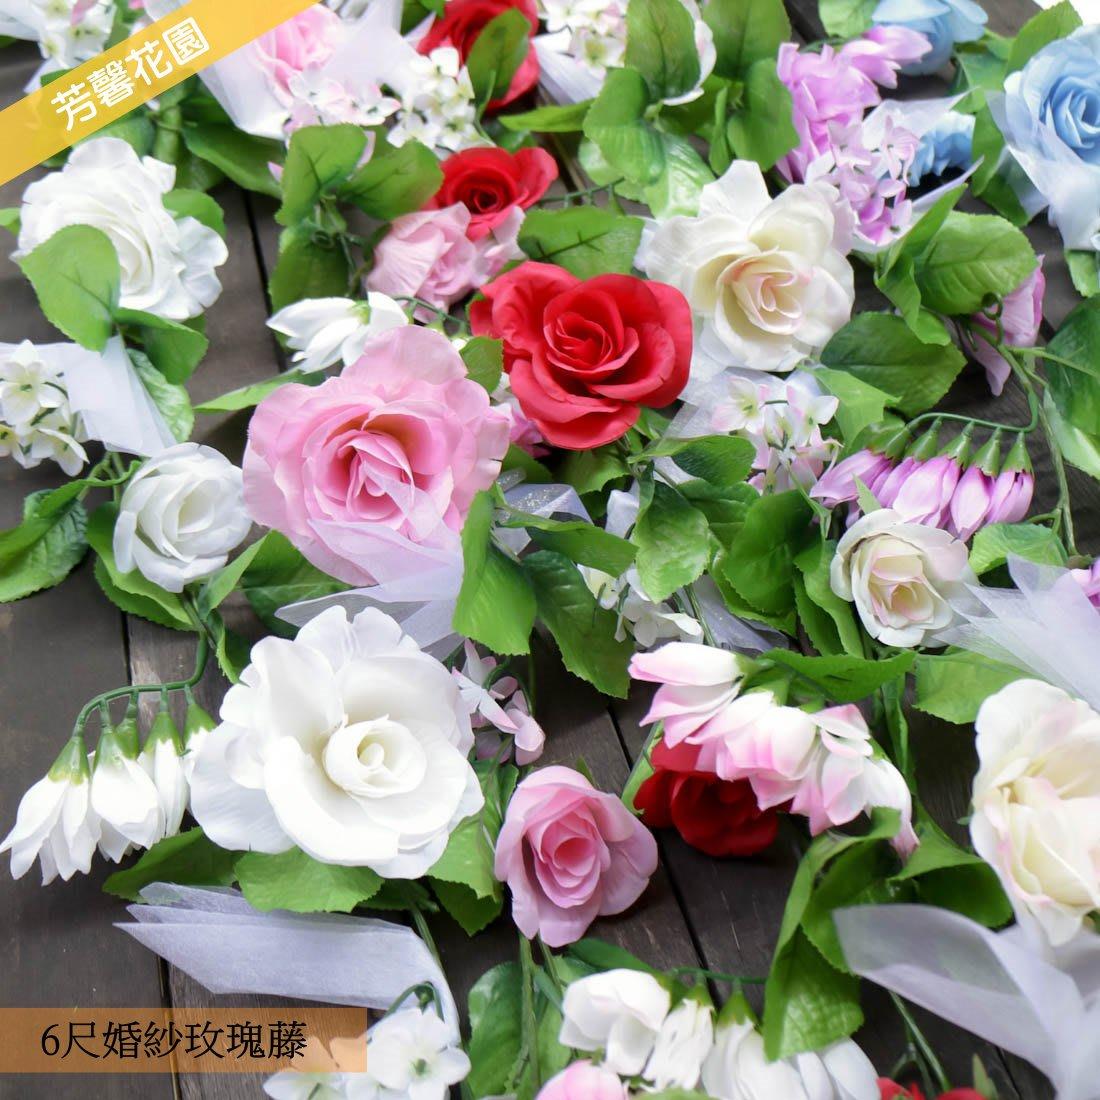 【☆芳馨花園☆】人造藤~6尺婚紗玫瑰花藤【C05240】~園藝花藝設計攝影道具樣品屋